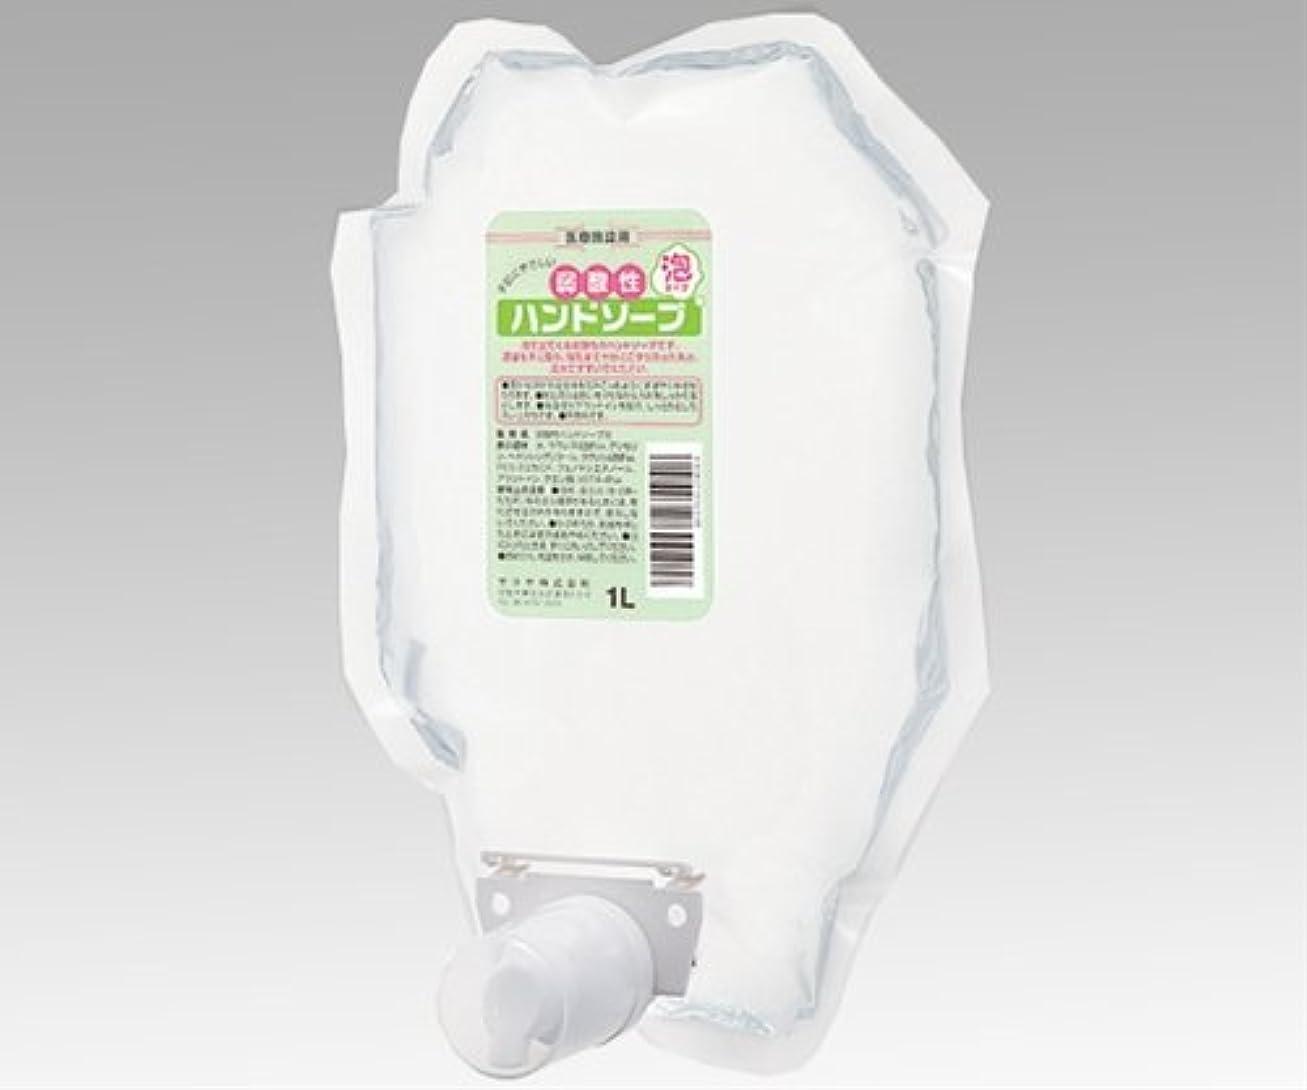 常にモトリークラックサラヤ 弱酸性ハンドソープ 泡タイプ / 0-8762-07